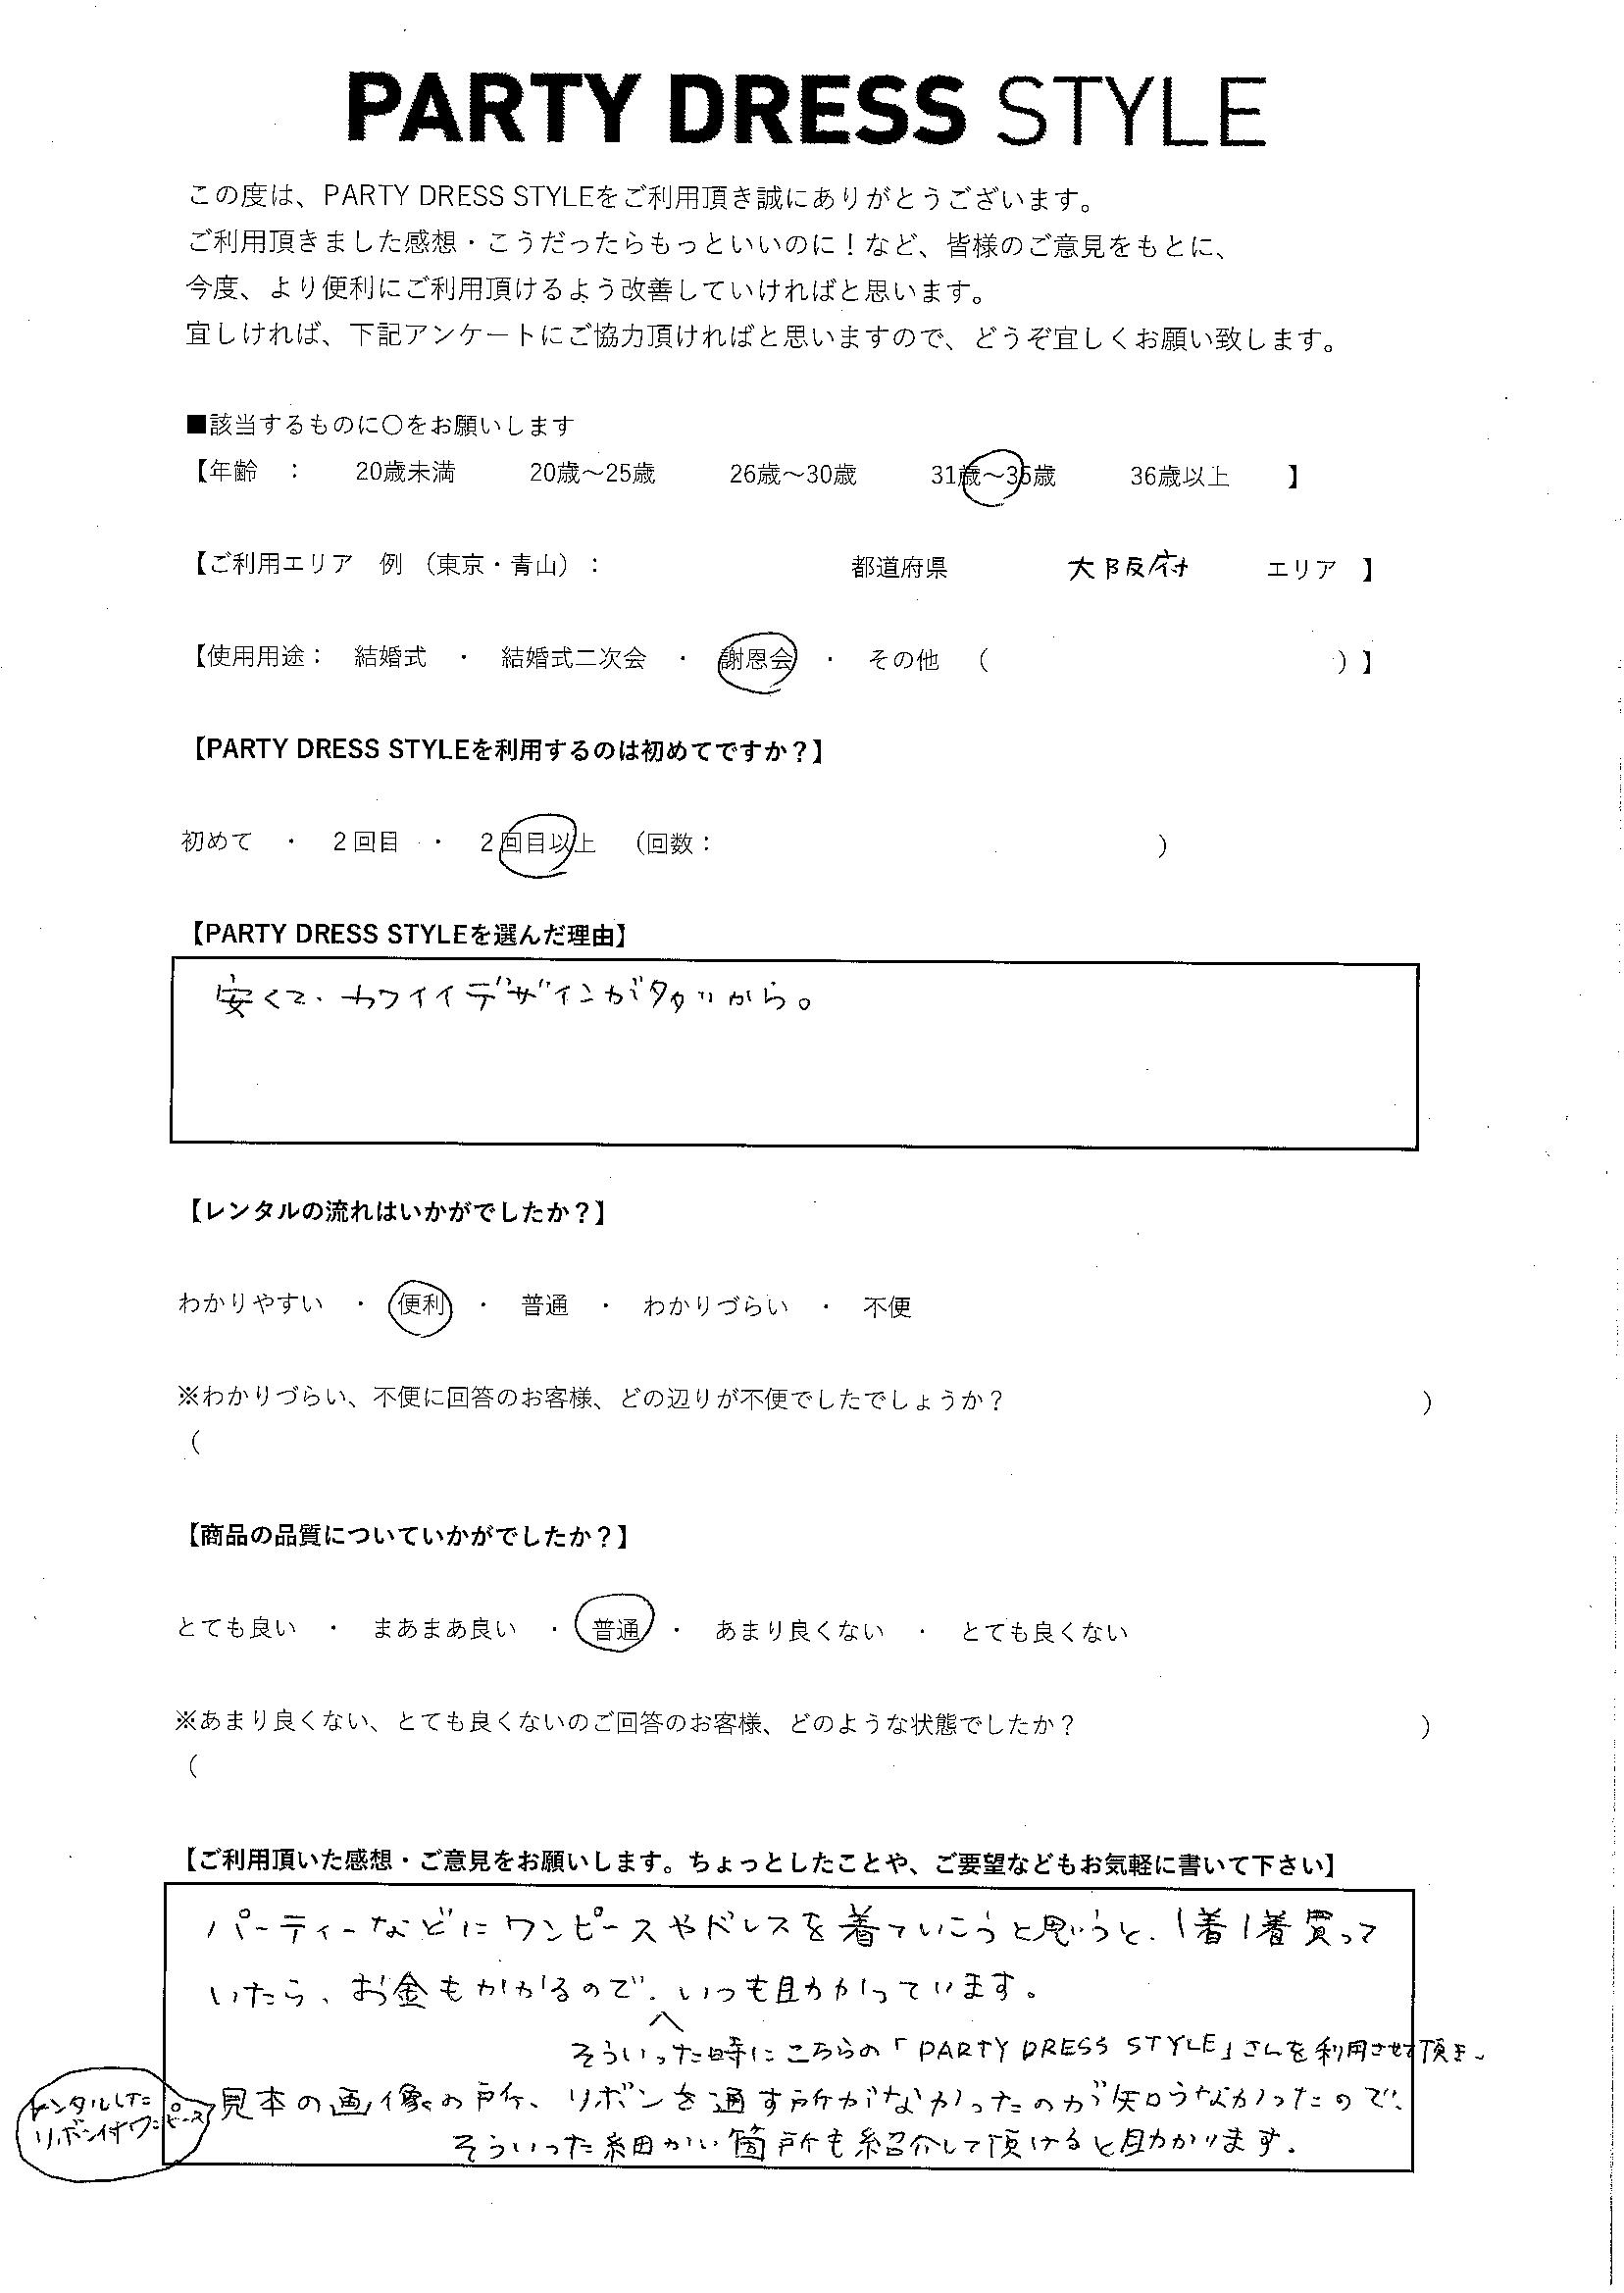 2/1 謝恩会 大阪エリア